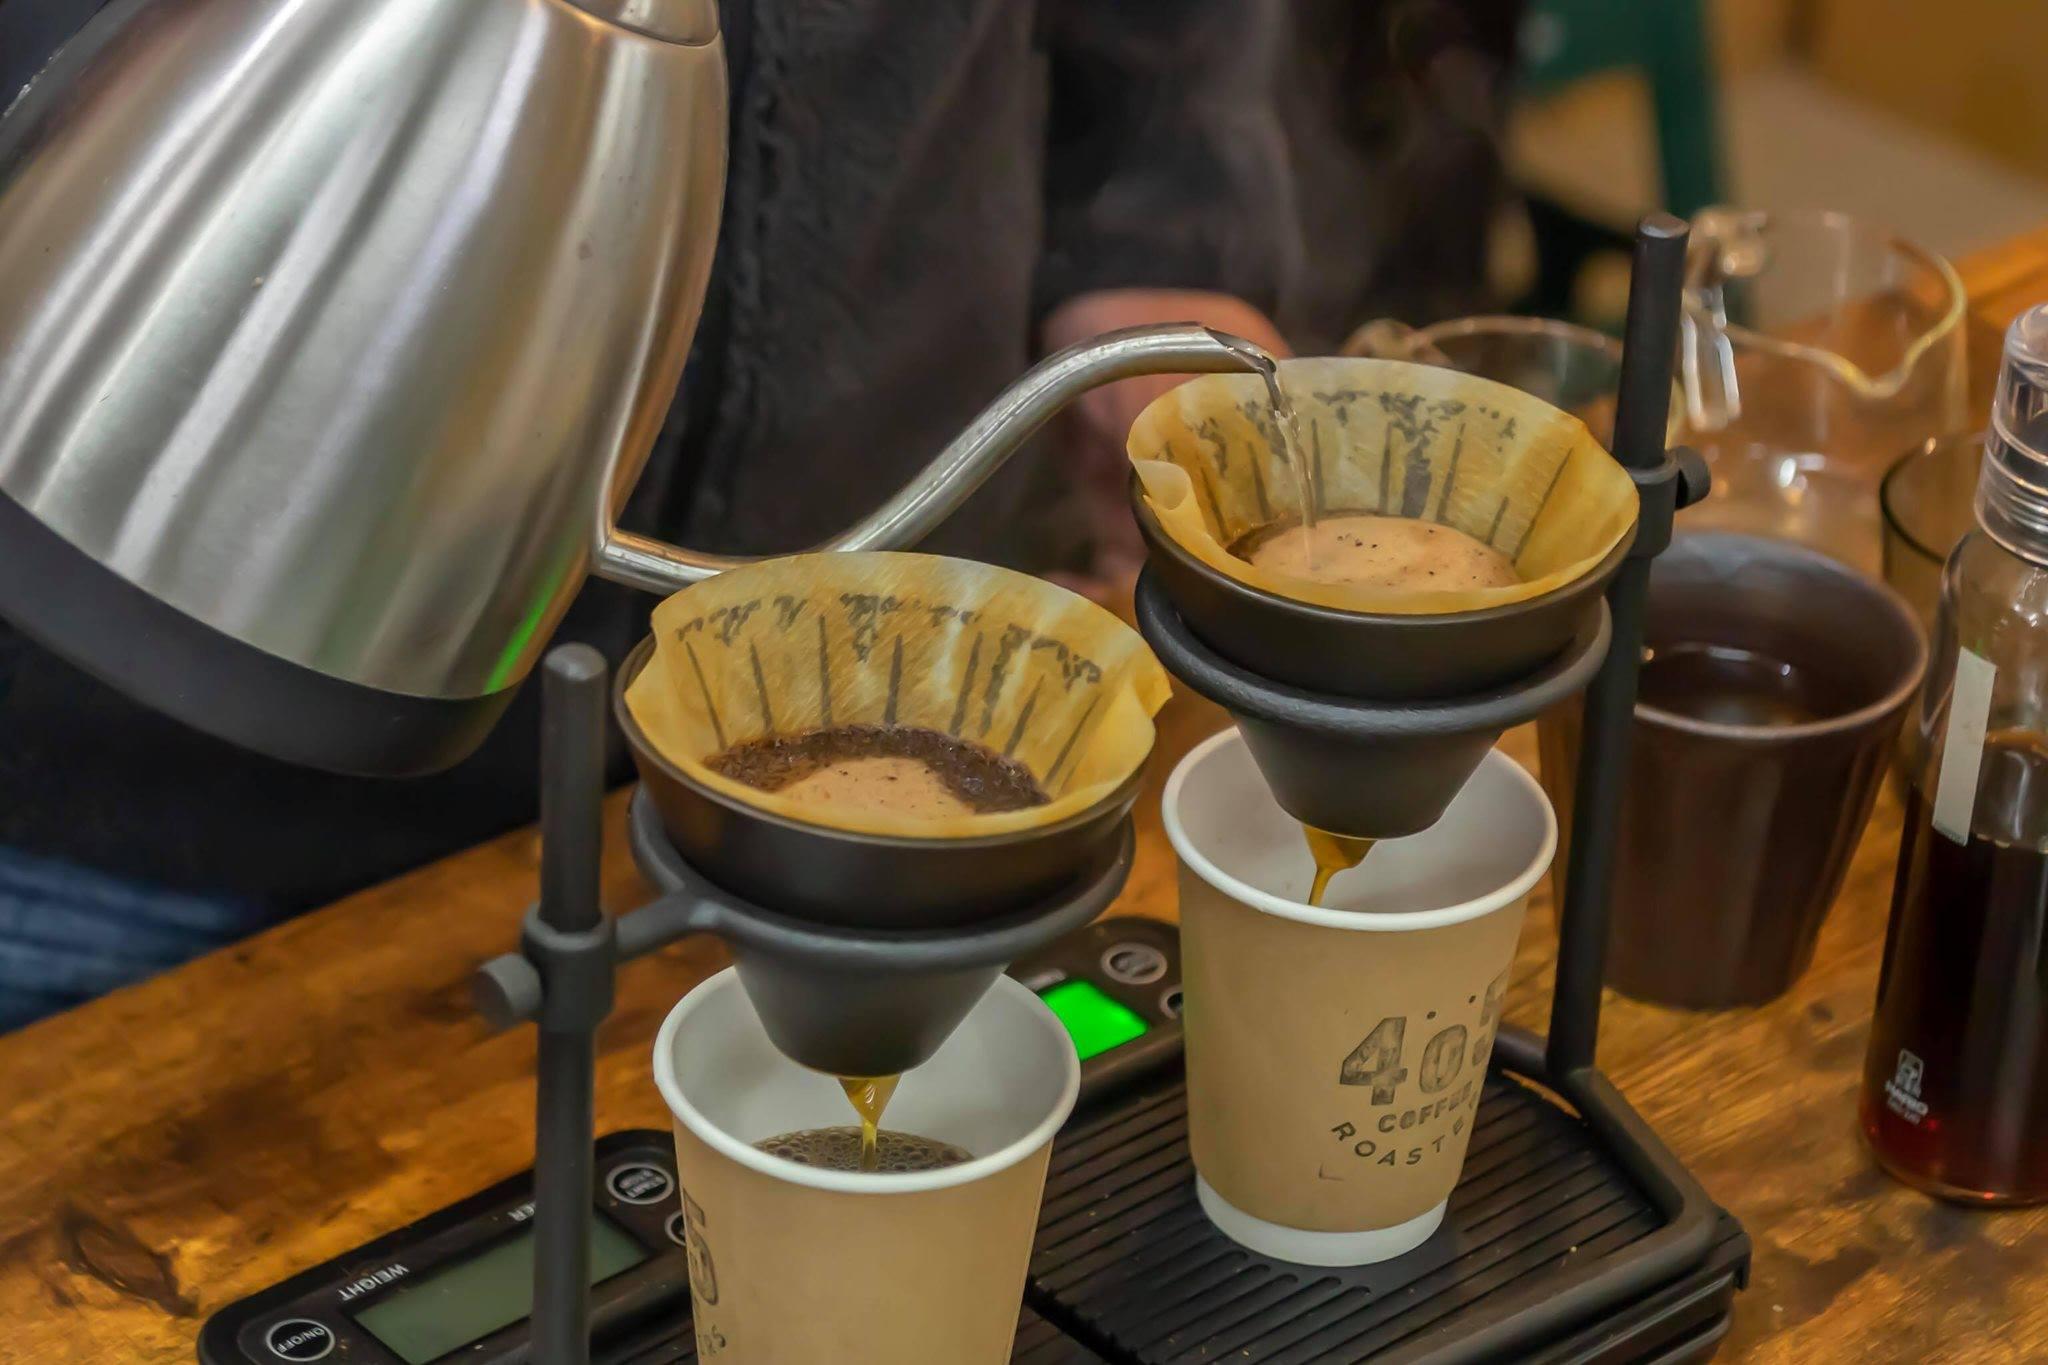 405 COFFEE ROASTERS: 西区の藤棚商店街にあるコーヒーロースター。スペシャルティのシングルオリジンとオリジナルブレンドを幅広く取り揃えています。